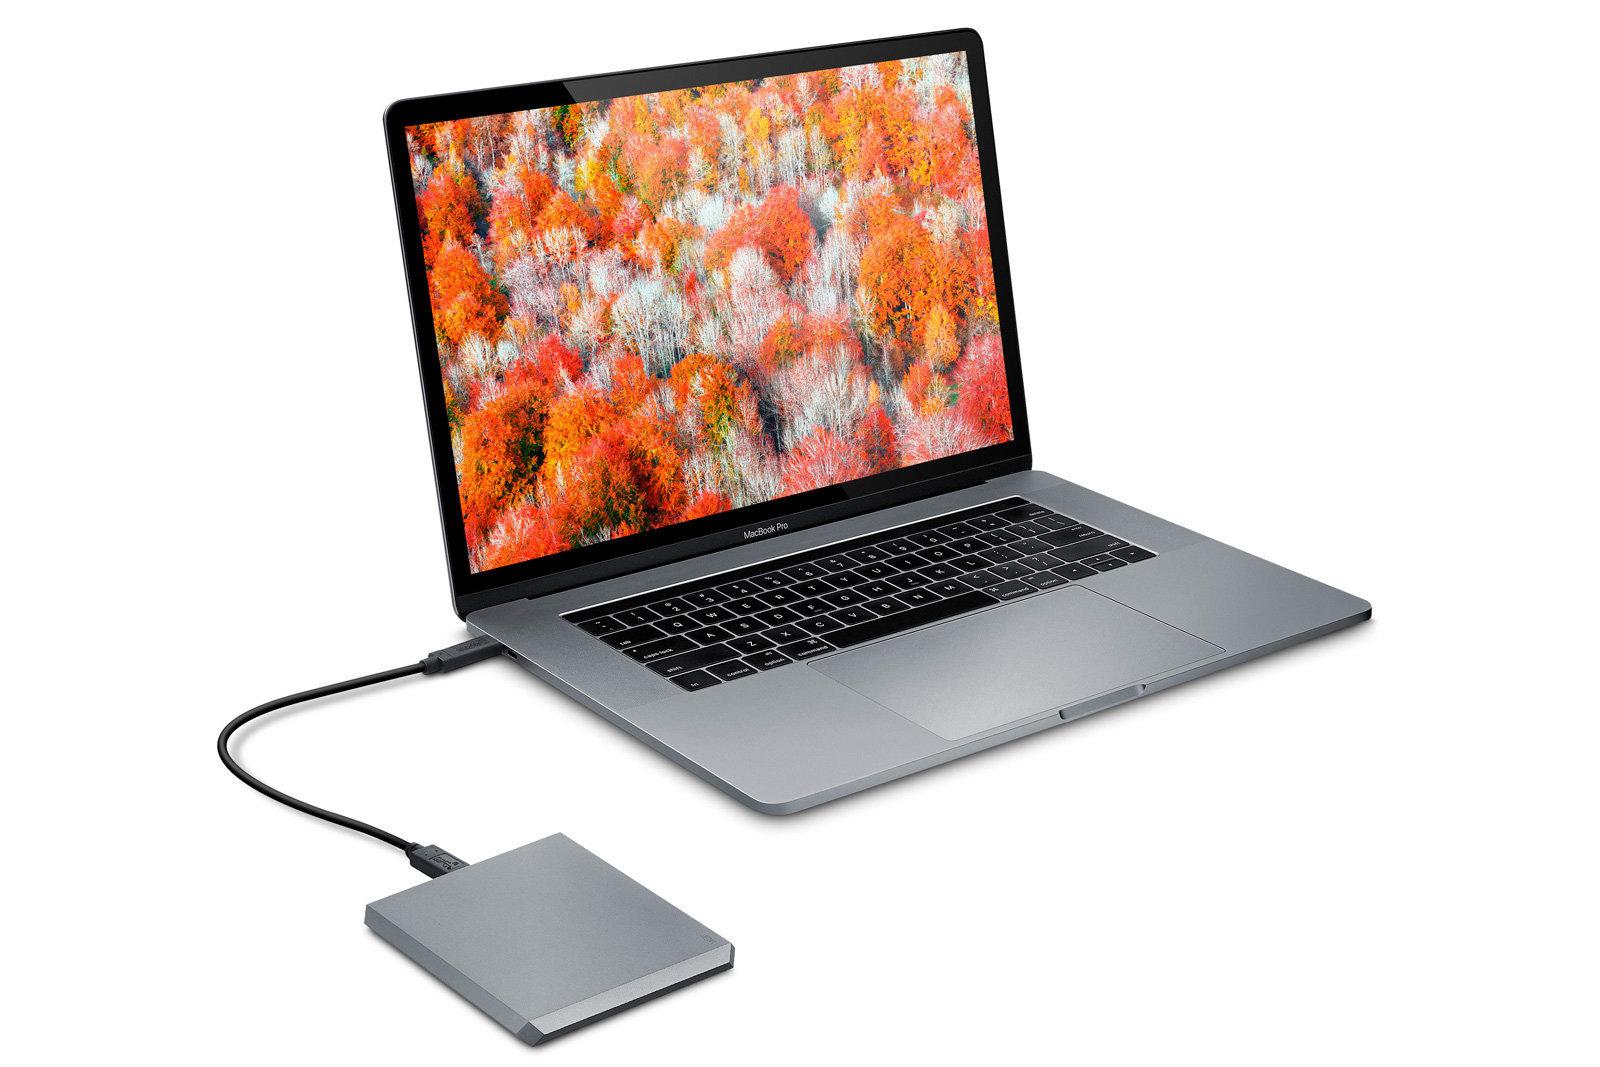 lacie mobile macbook pro - Zhrnutie: To najlepšie z CES 2019